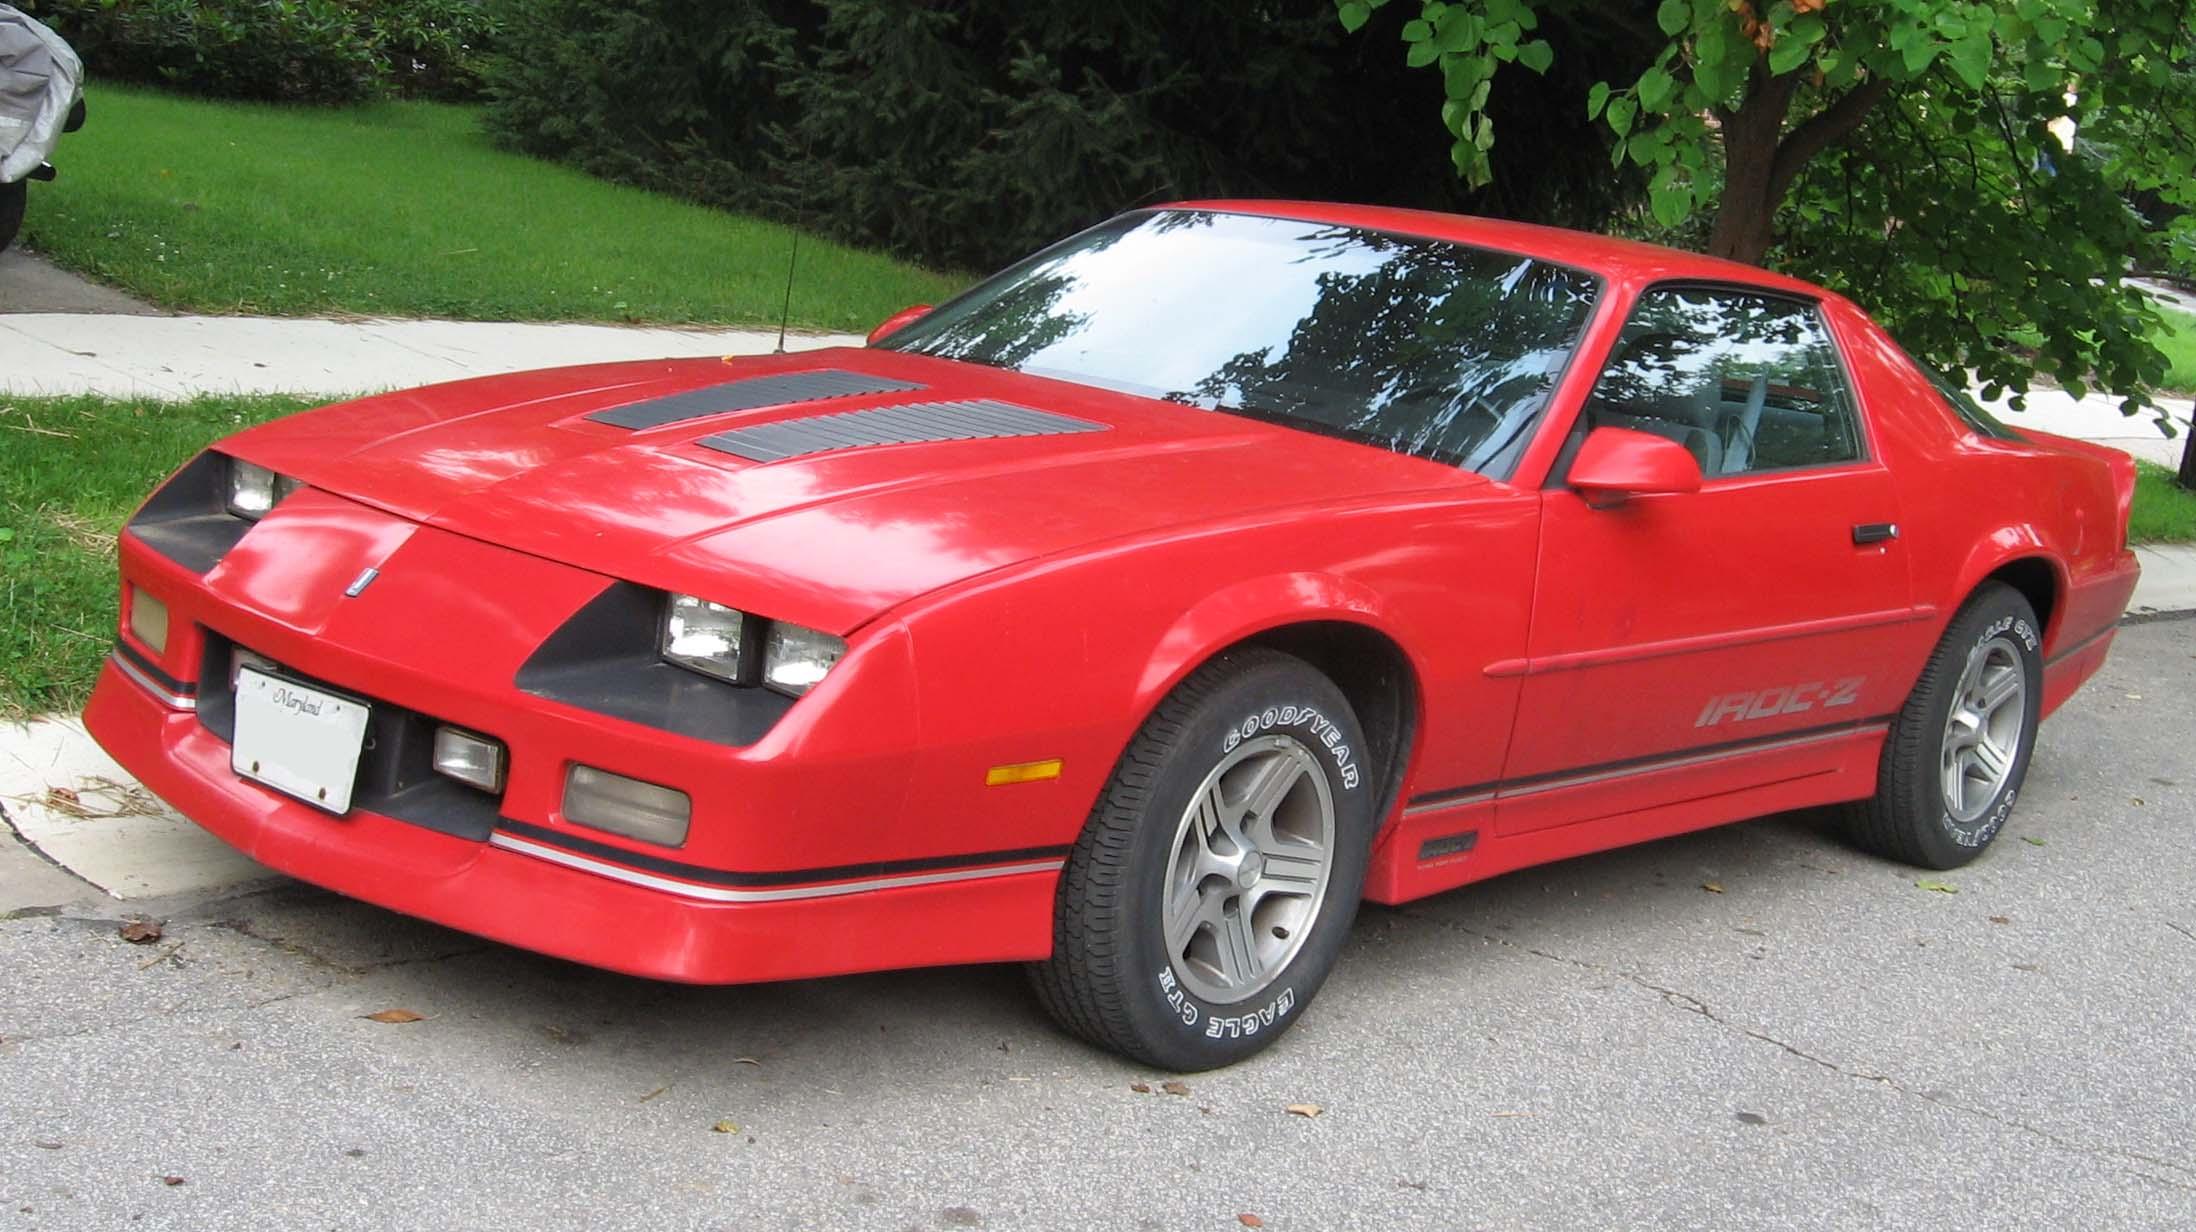 Iroc Z Wiki >> File:85-90 Chevrolet Camaro IROC-Z.jpg